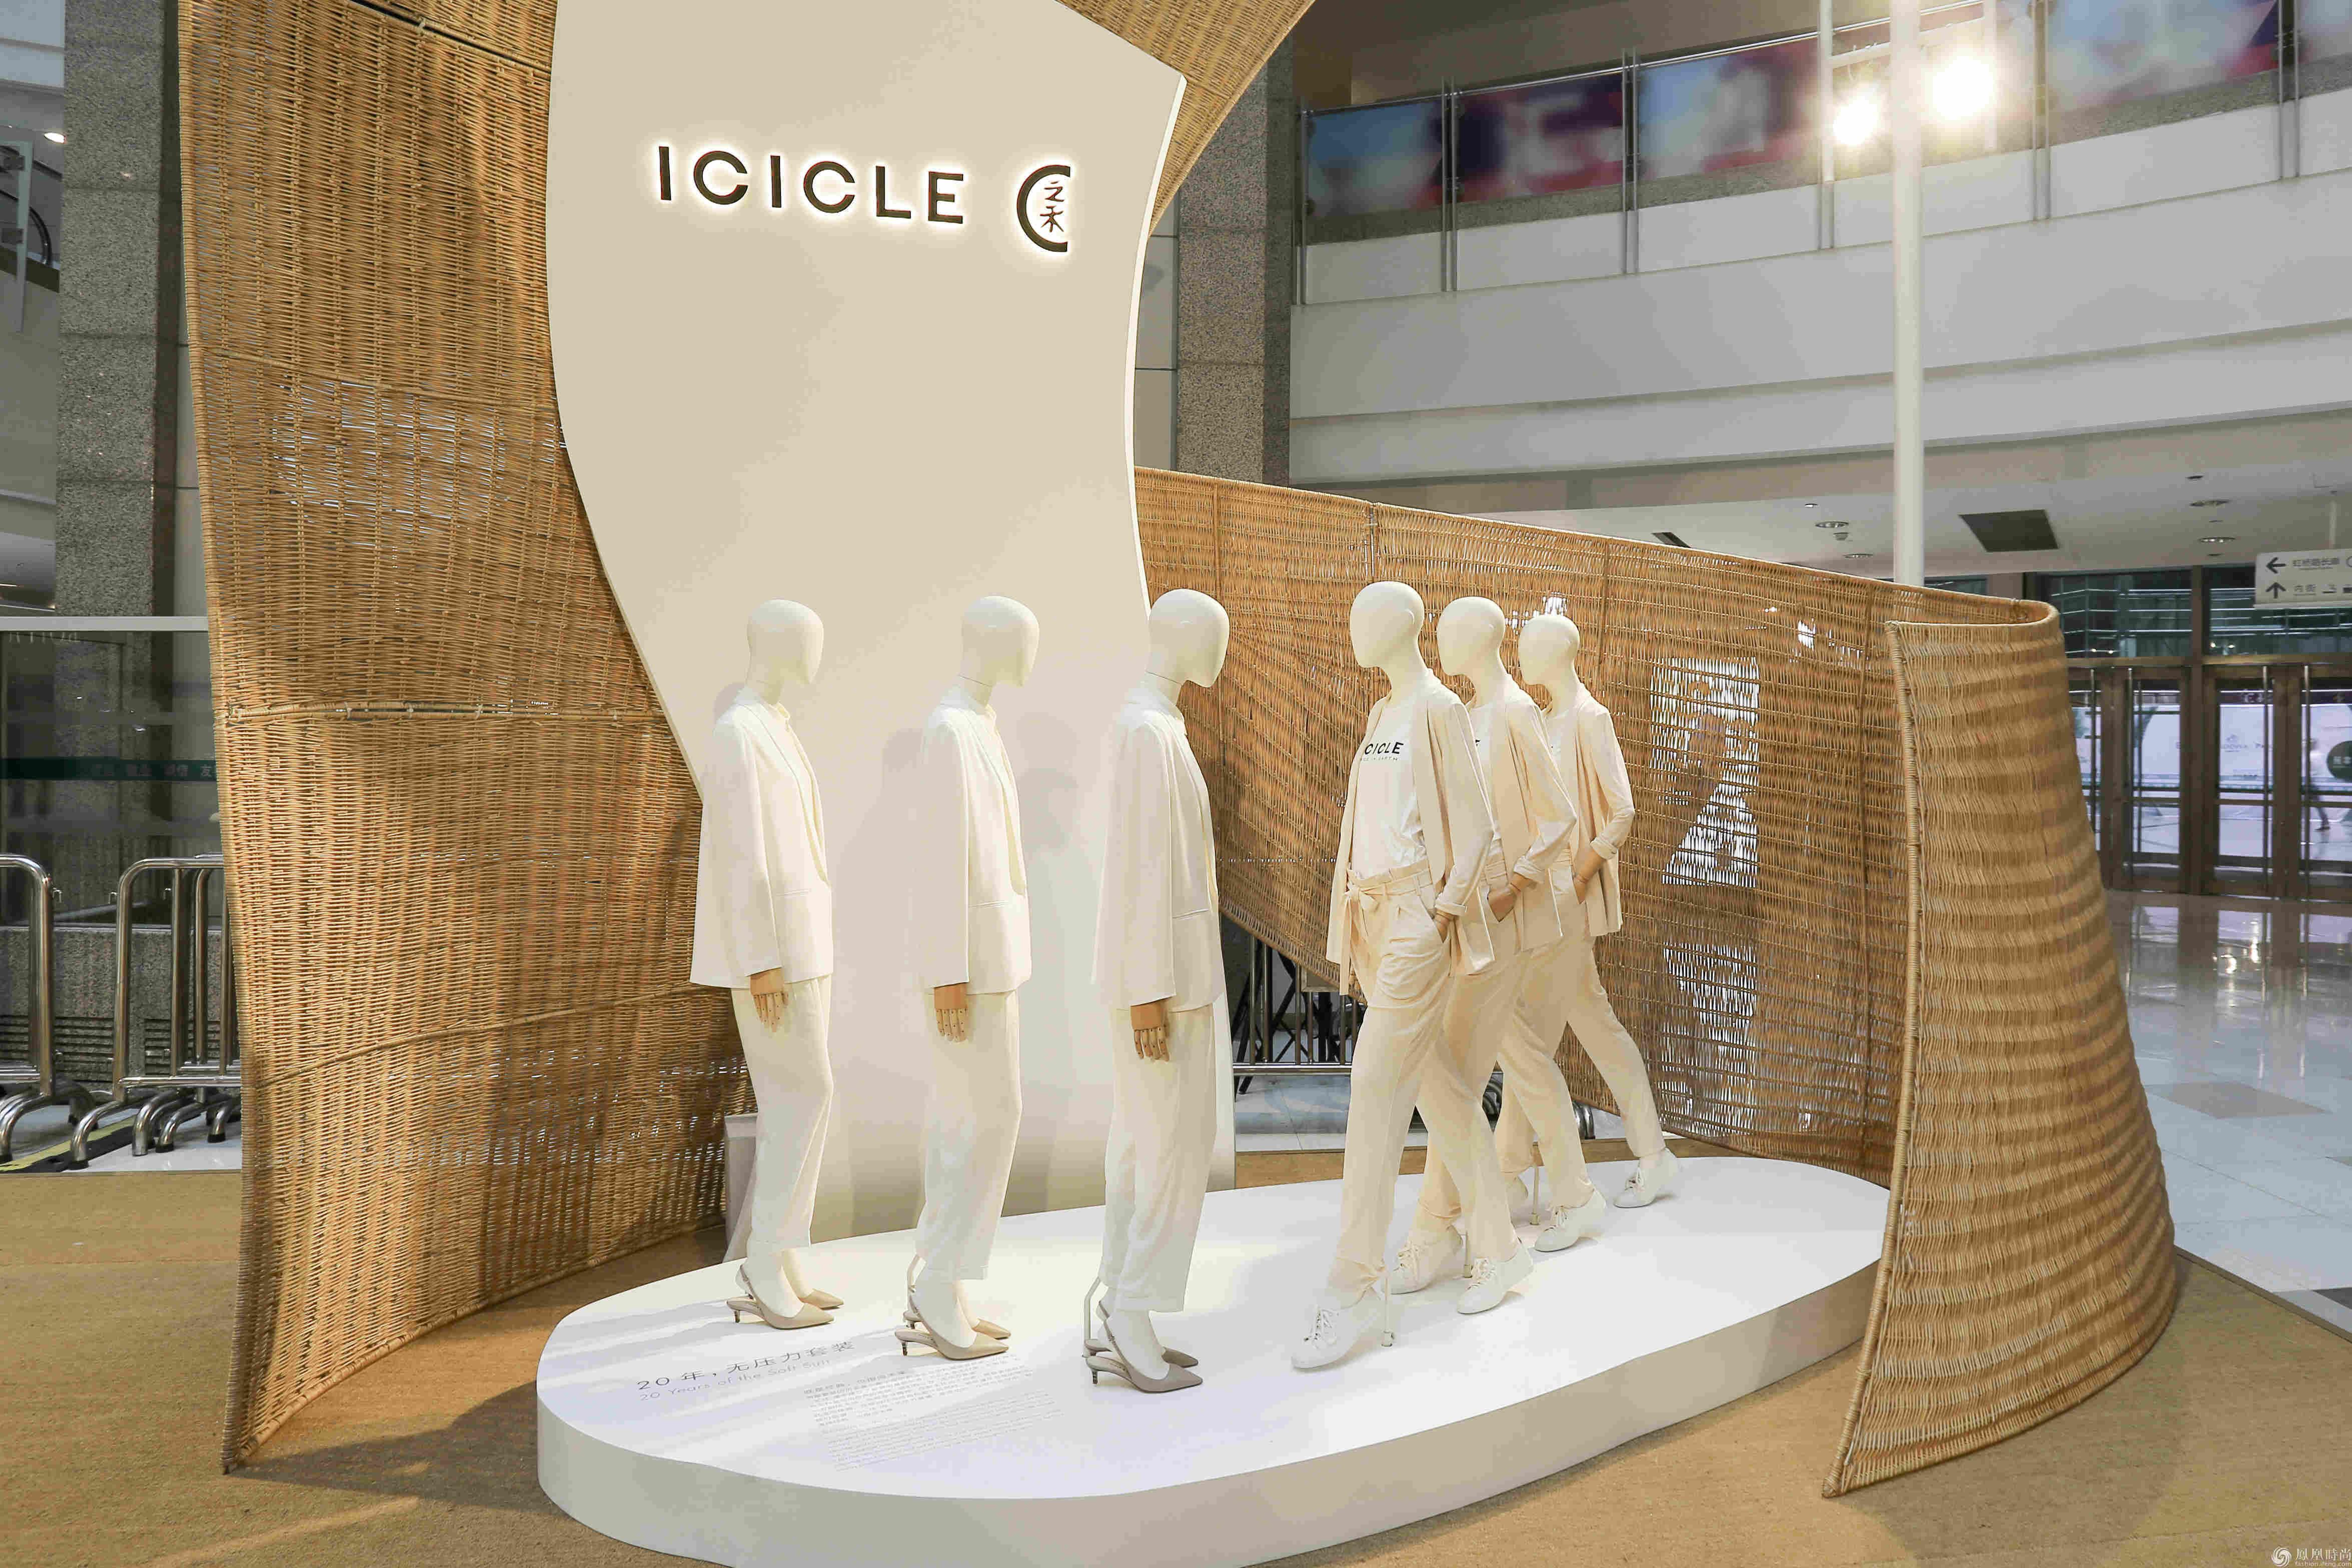 展览设计及展品陈列设计分别由icicle之禾长期合作的法国布景设计师st